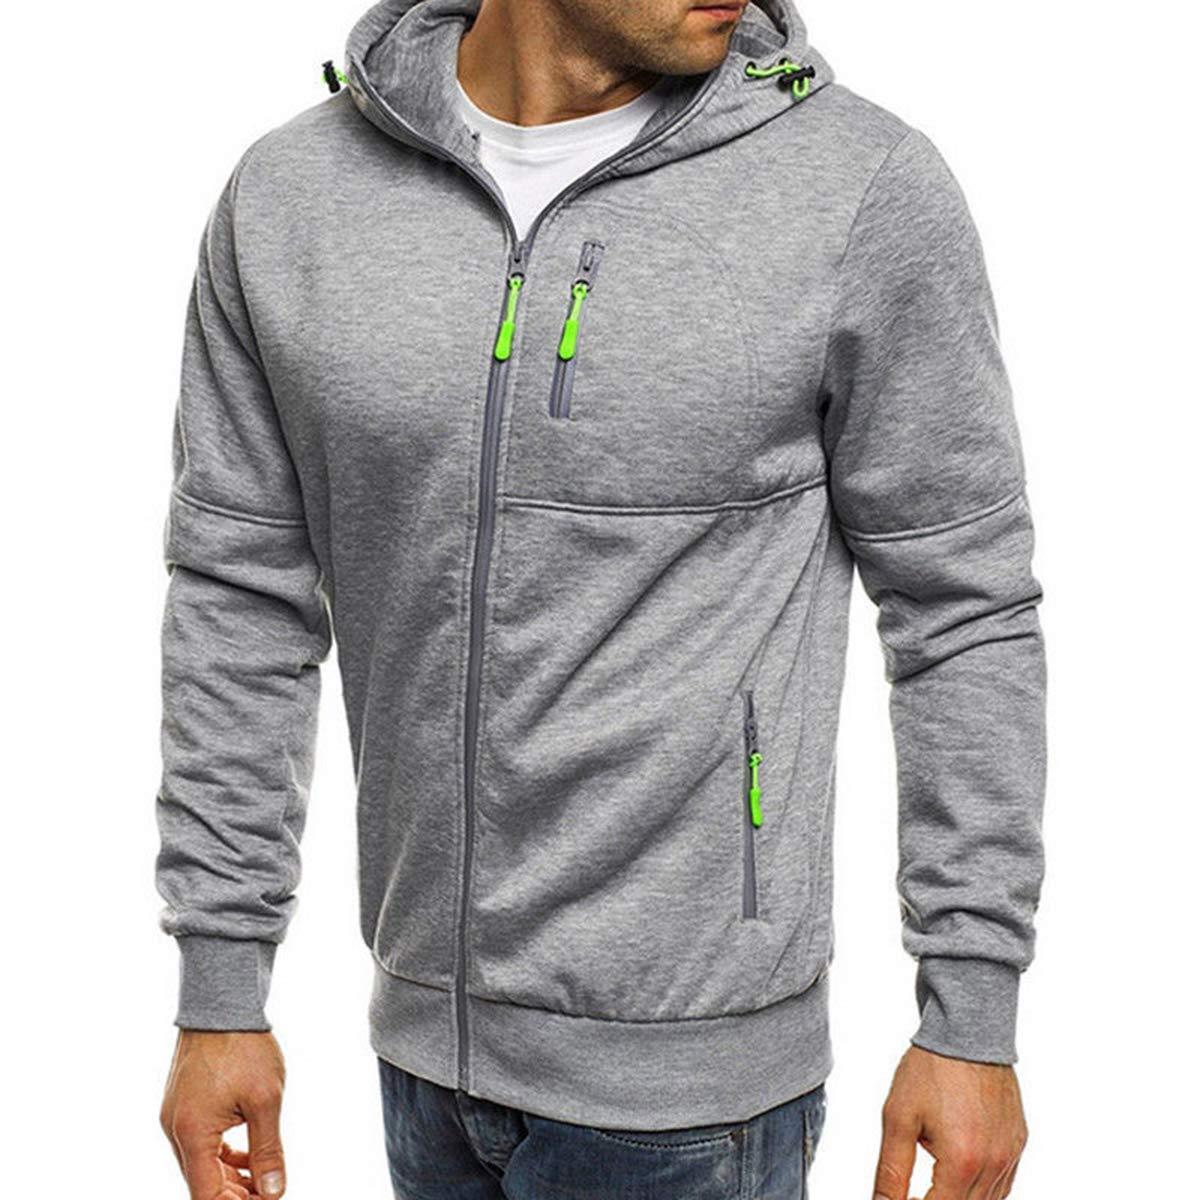 Asrlet Mens Long Sleeve Slim Fit Zip-up Fleece Hoodies Hooded Sweatshirt Coat Outerwear